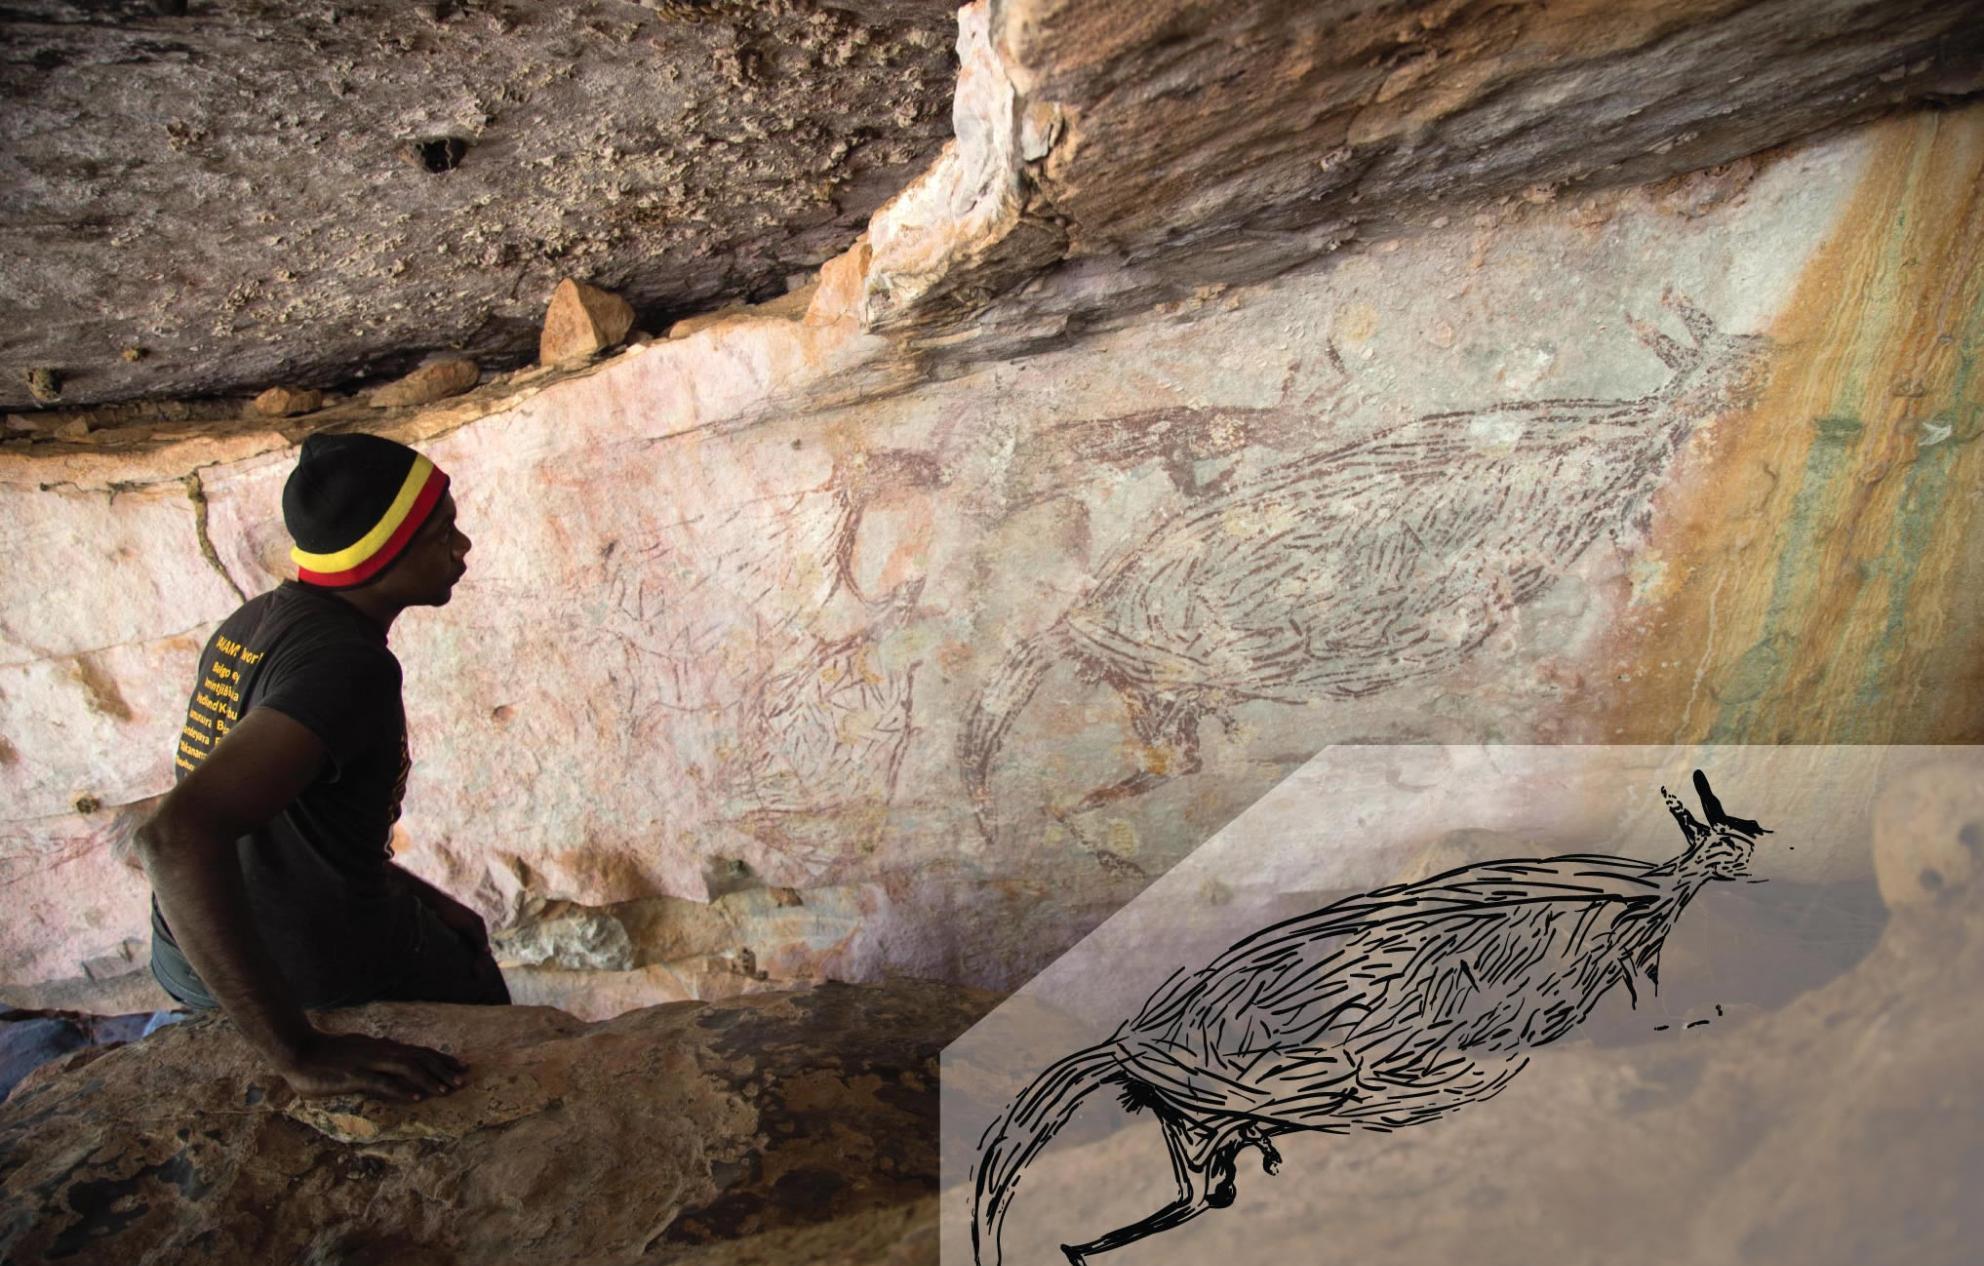 澳大利亚最古老的完整岩画――袋鼠画距今约1.73万年